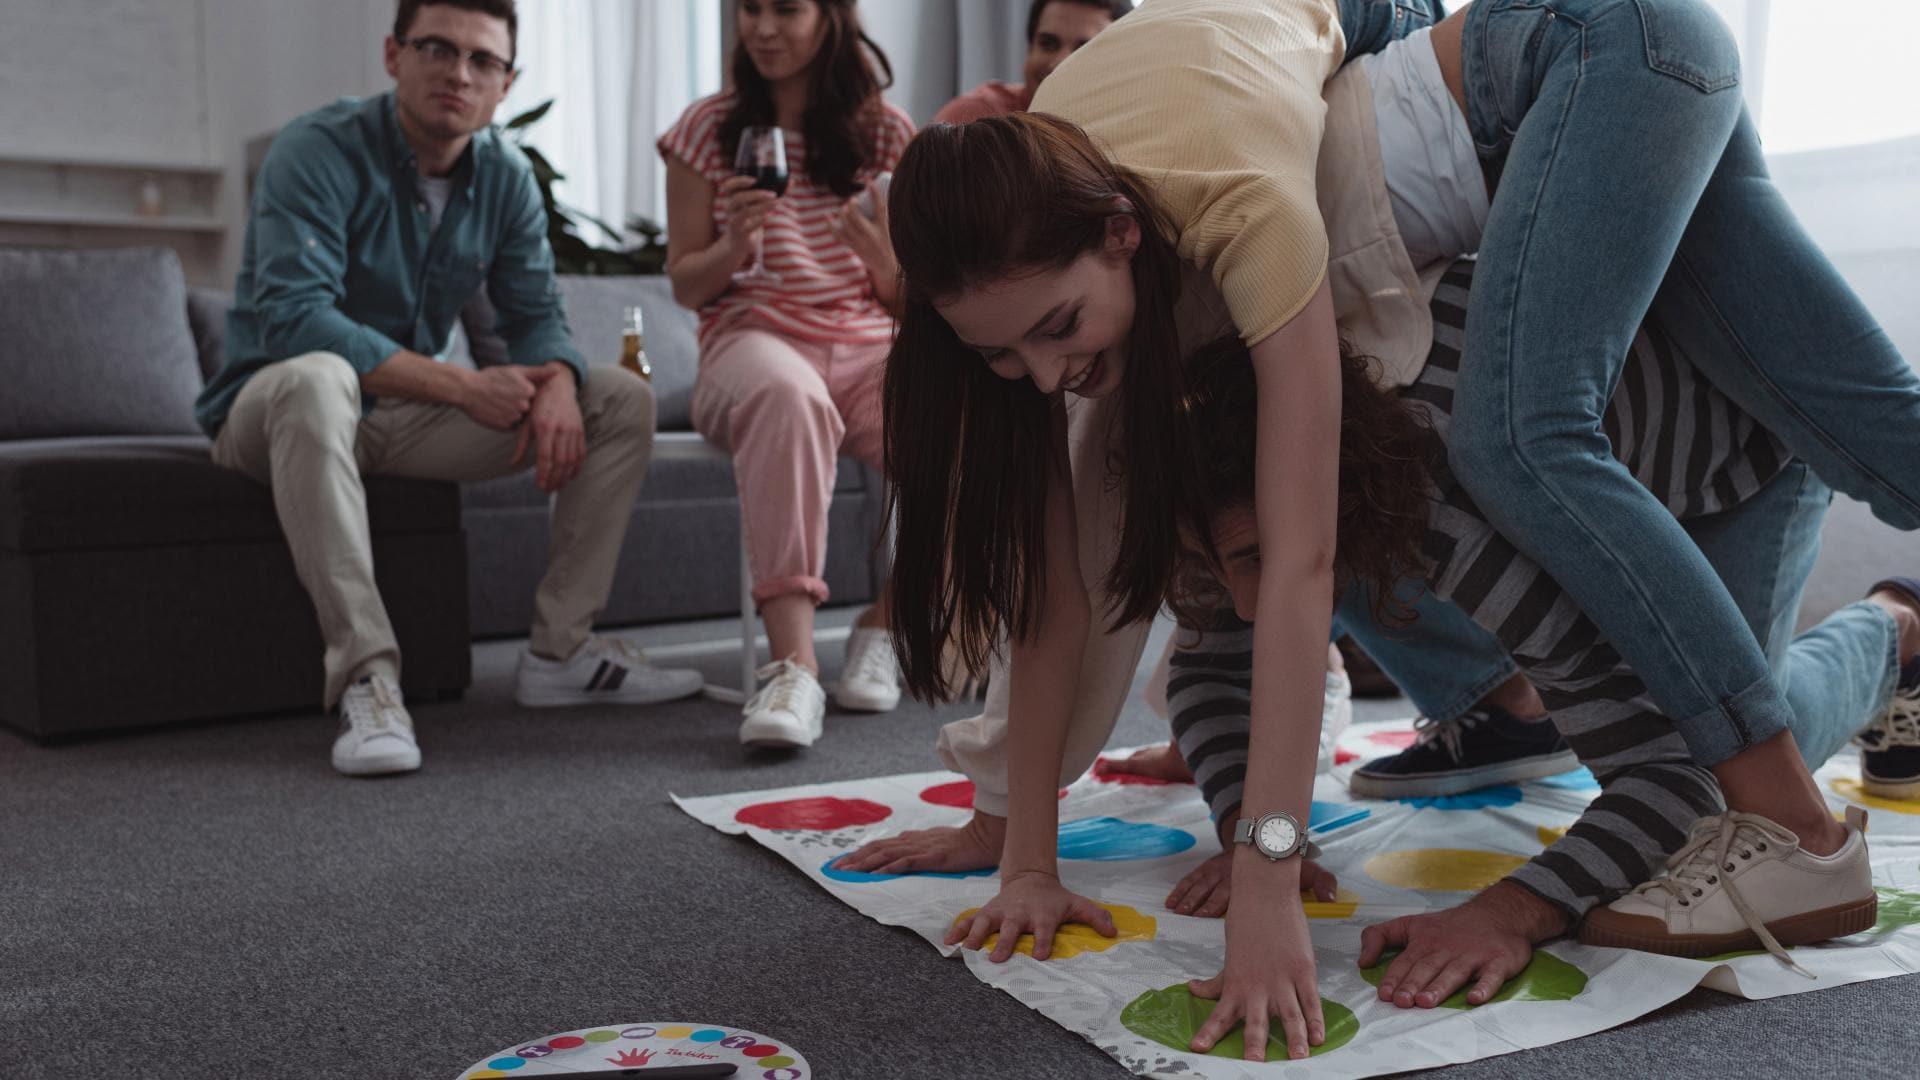 twister junge menschen spieleabend partyspiele für erwachsene